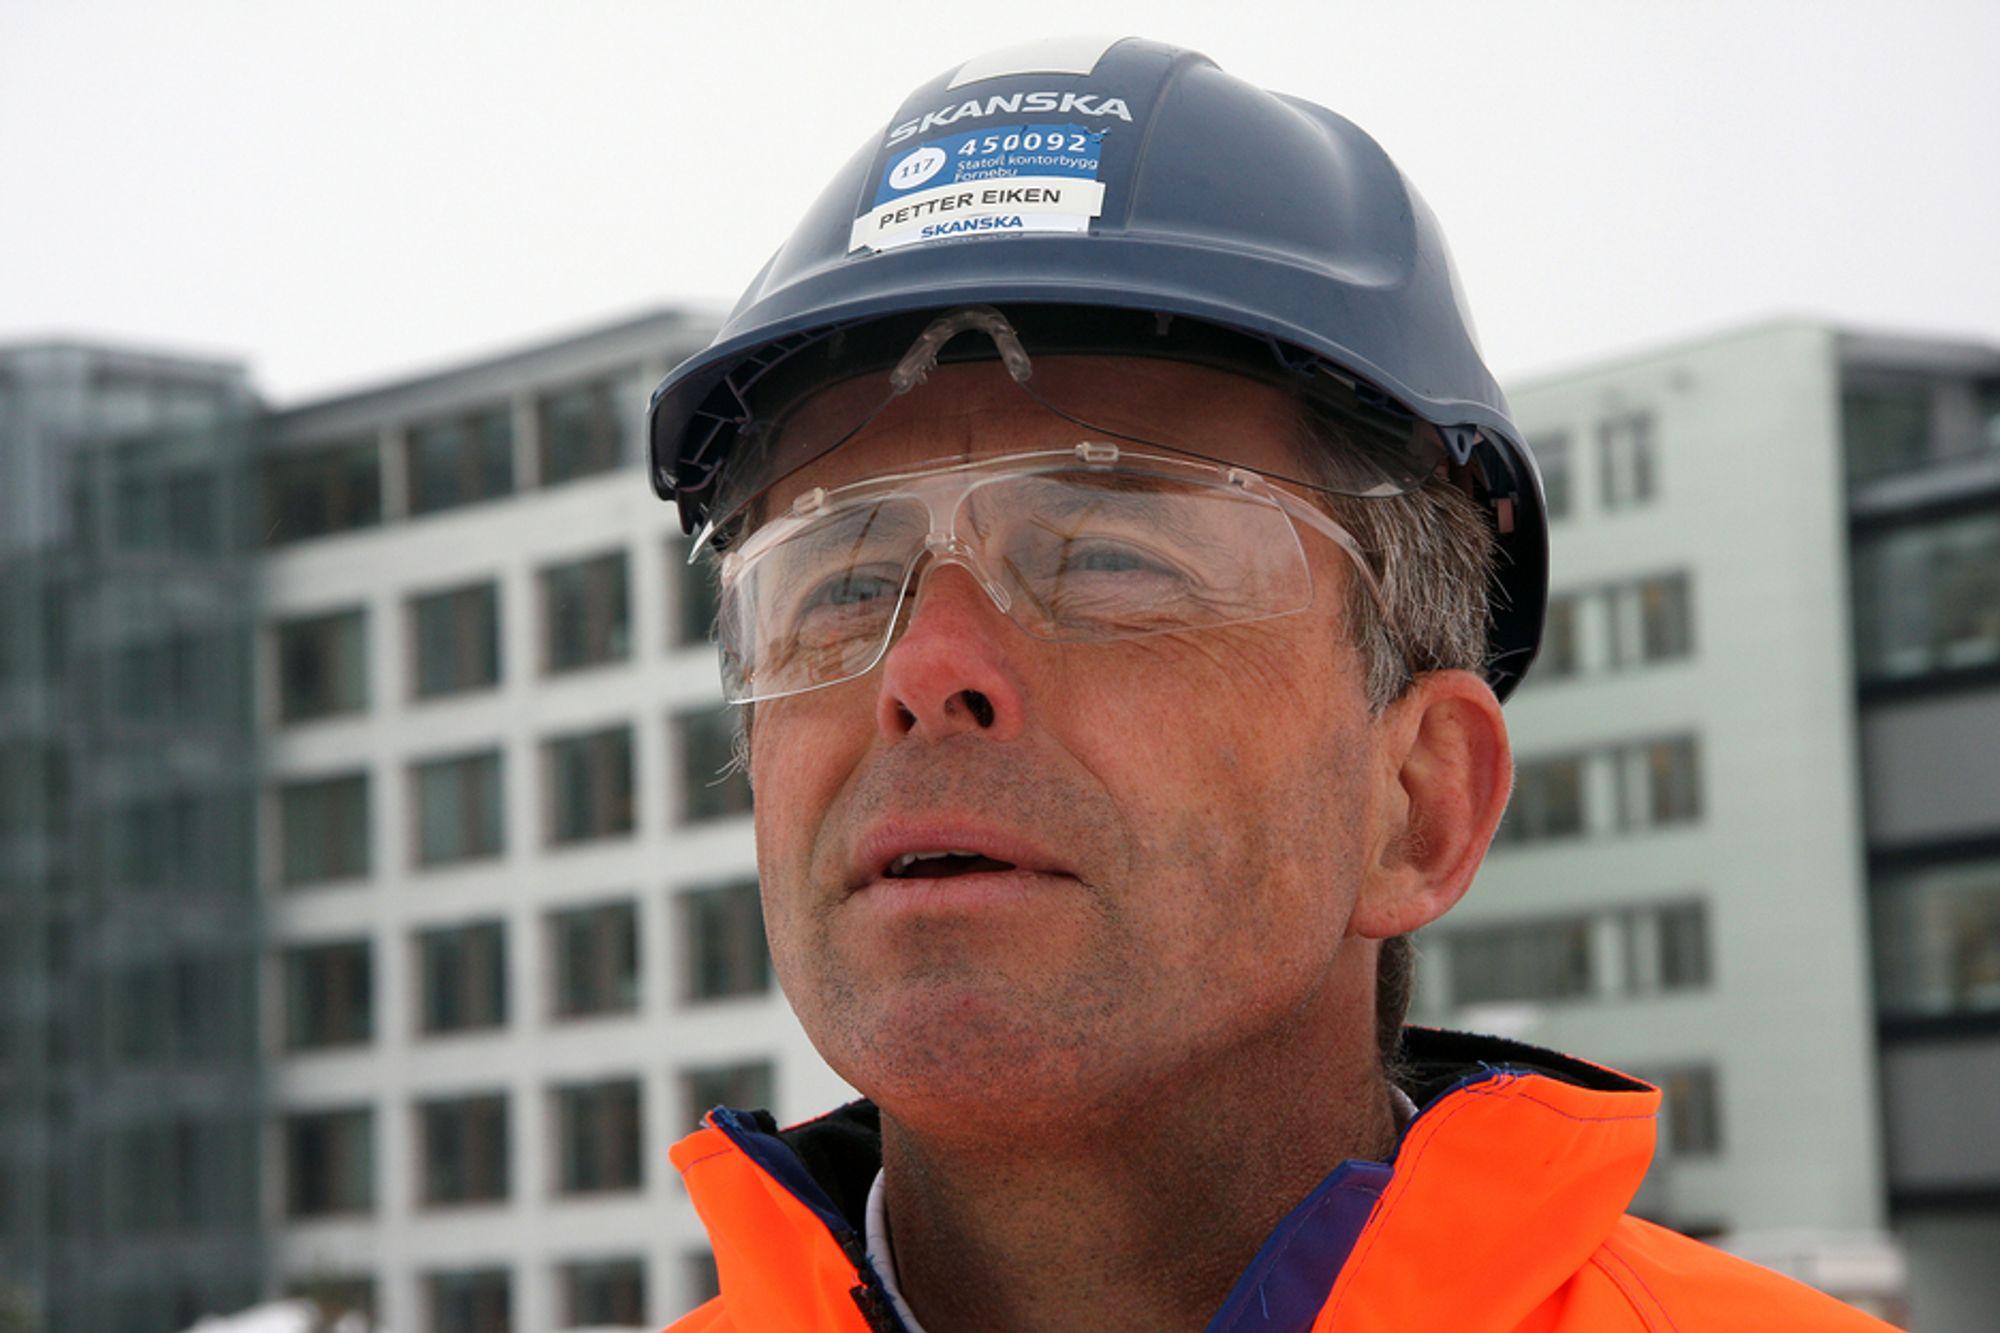 IKKE FORNØYD: Administrerende direktør i Skanska Norge, Petter Eiken, er langt fra fornøyd med resultatet så langt i år, men håper på forbedringer.